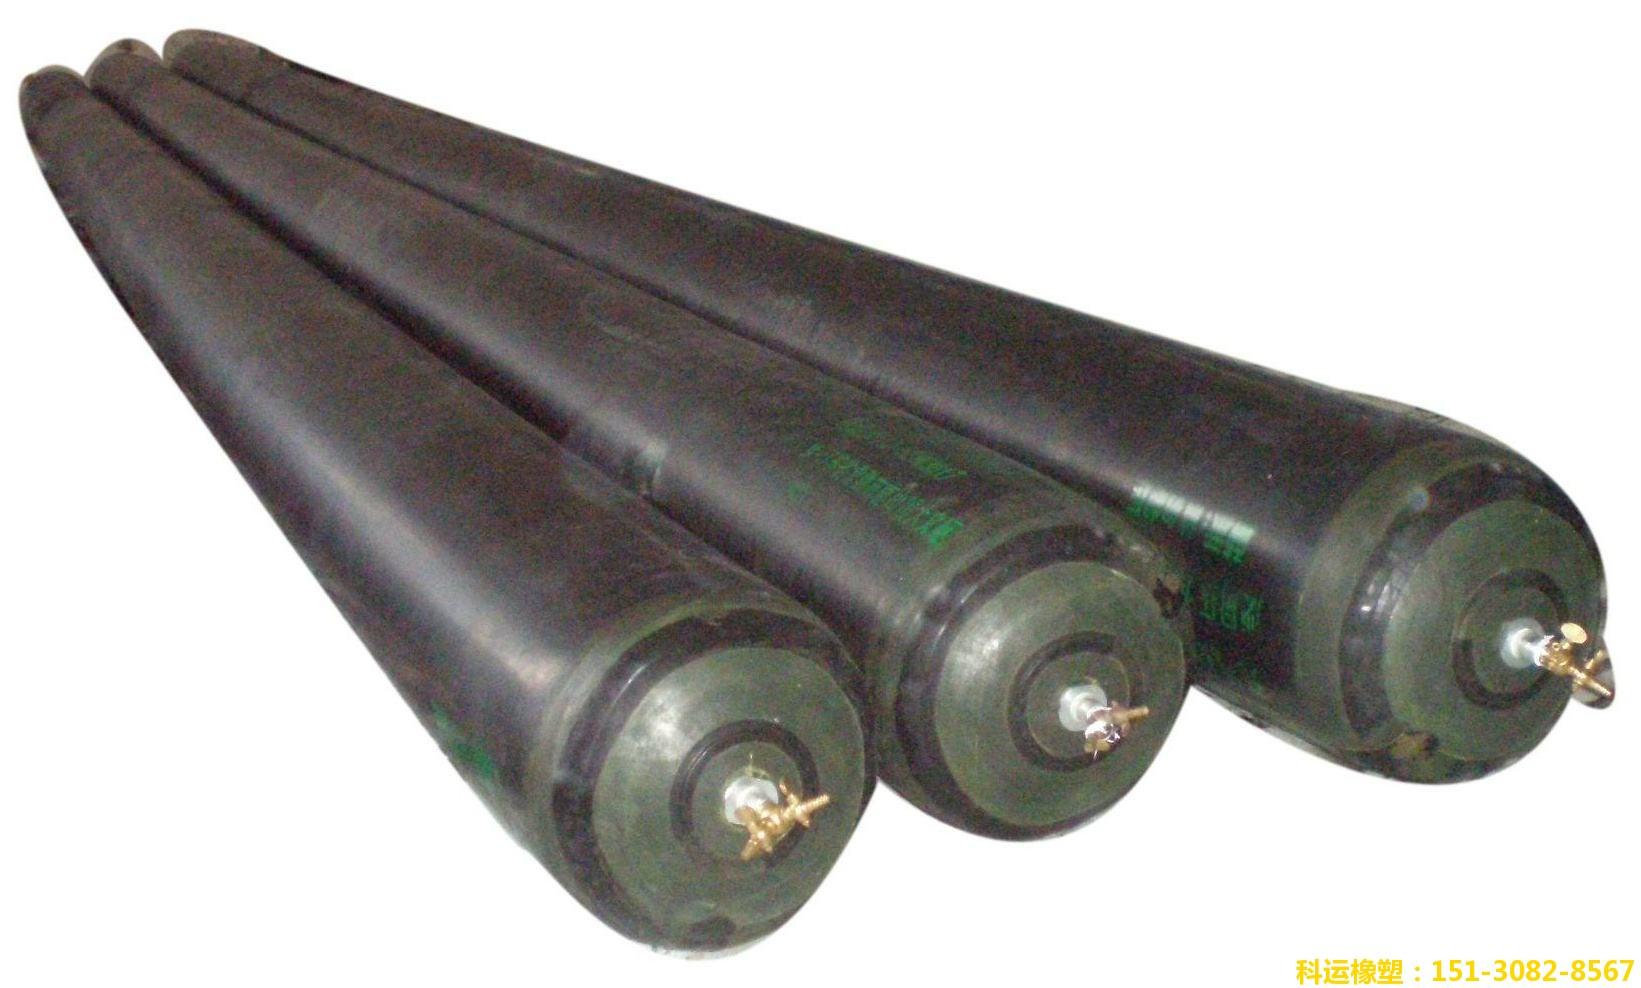 单层双层橡胶充气芯模(圆形椭圆形八角形空心板橡胶气囊内模)厂家7